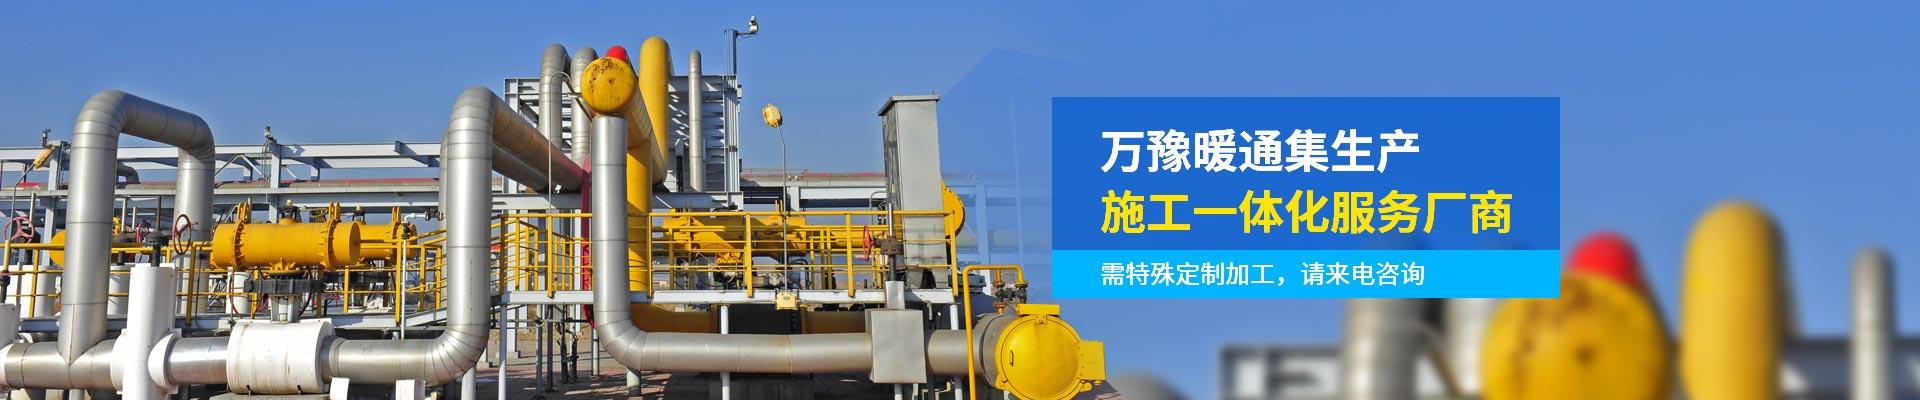 万豫暖通-万豫暖通集生产施工一体化服务厂商